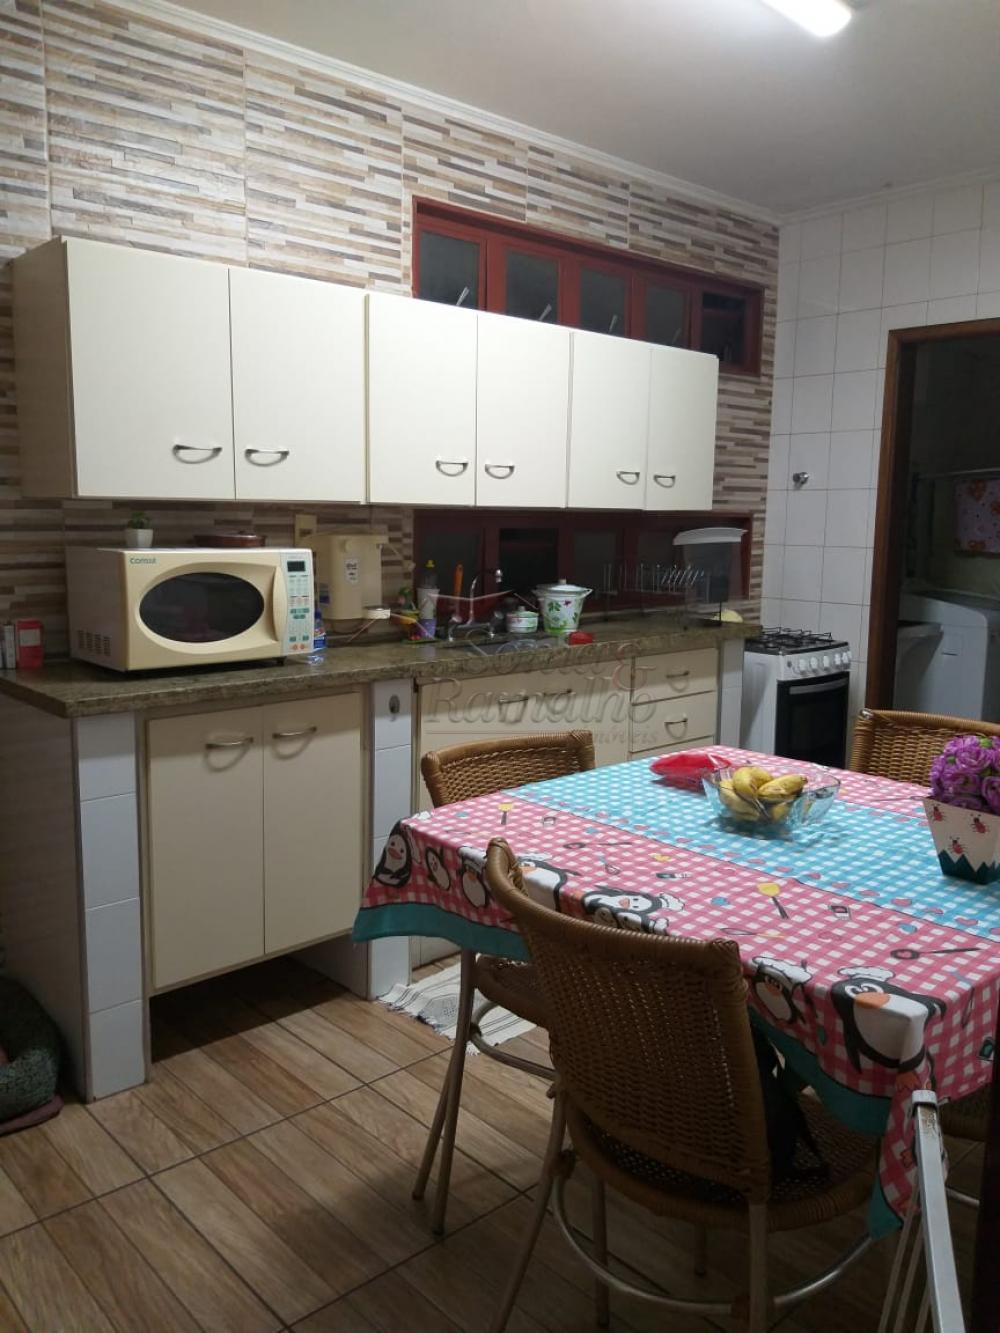 Comprar Apartamentos / Padrão em Ribeirão Preto apenas R$ 196.000,00 - Foto 21